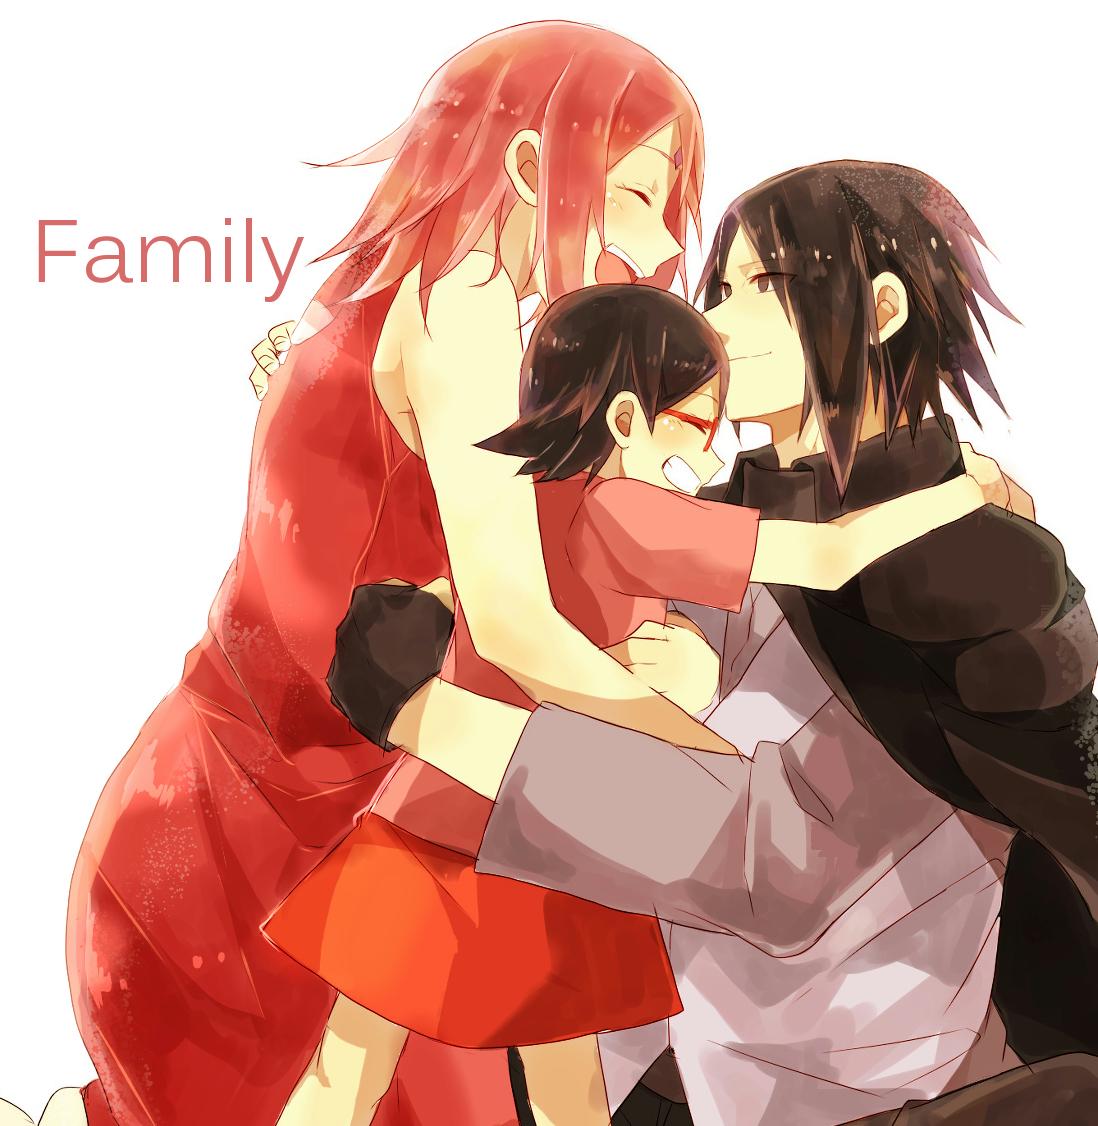 Sasuke family iphone background